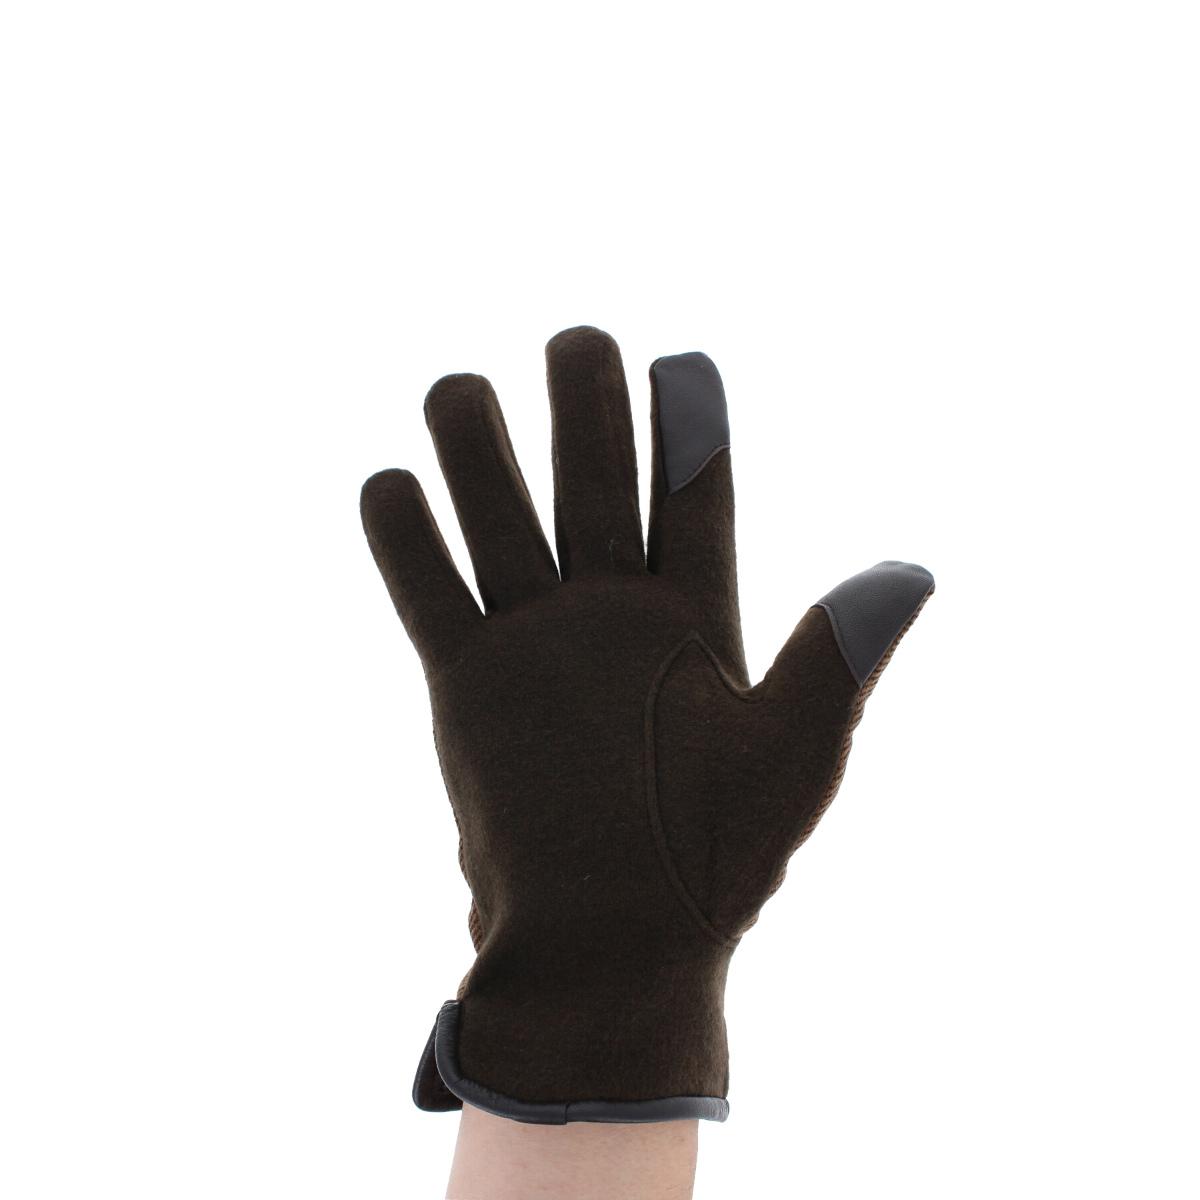 メンズ手袋 スマホ対応 人気ブランド オロビアンコ orobianco 男性用 防寒 暖か シンプル ウール混 ジャージ 革カフス 通勤 プレゼント